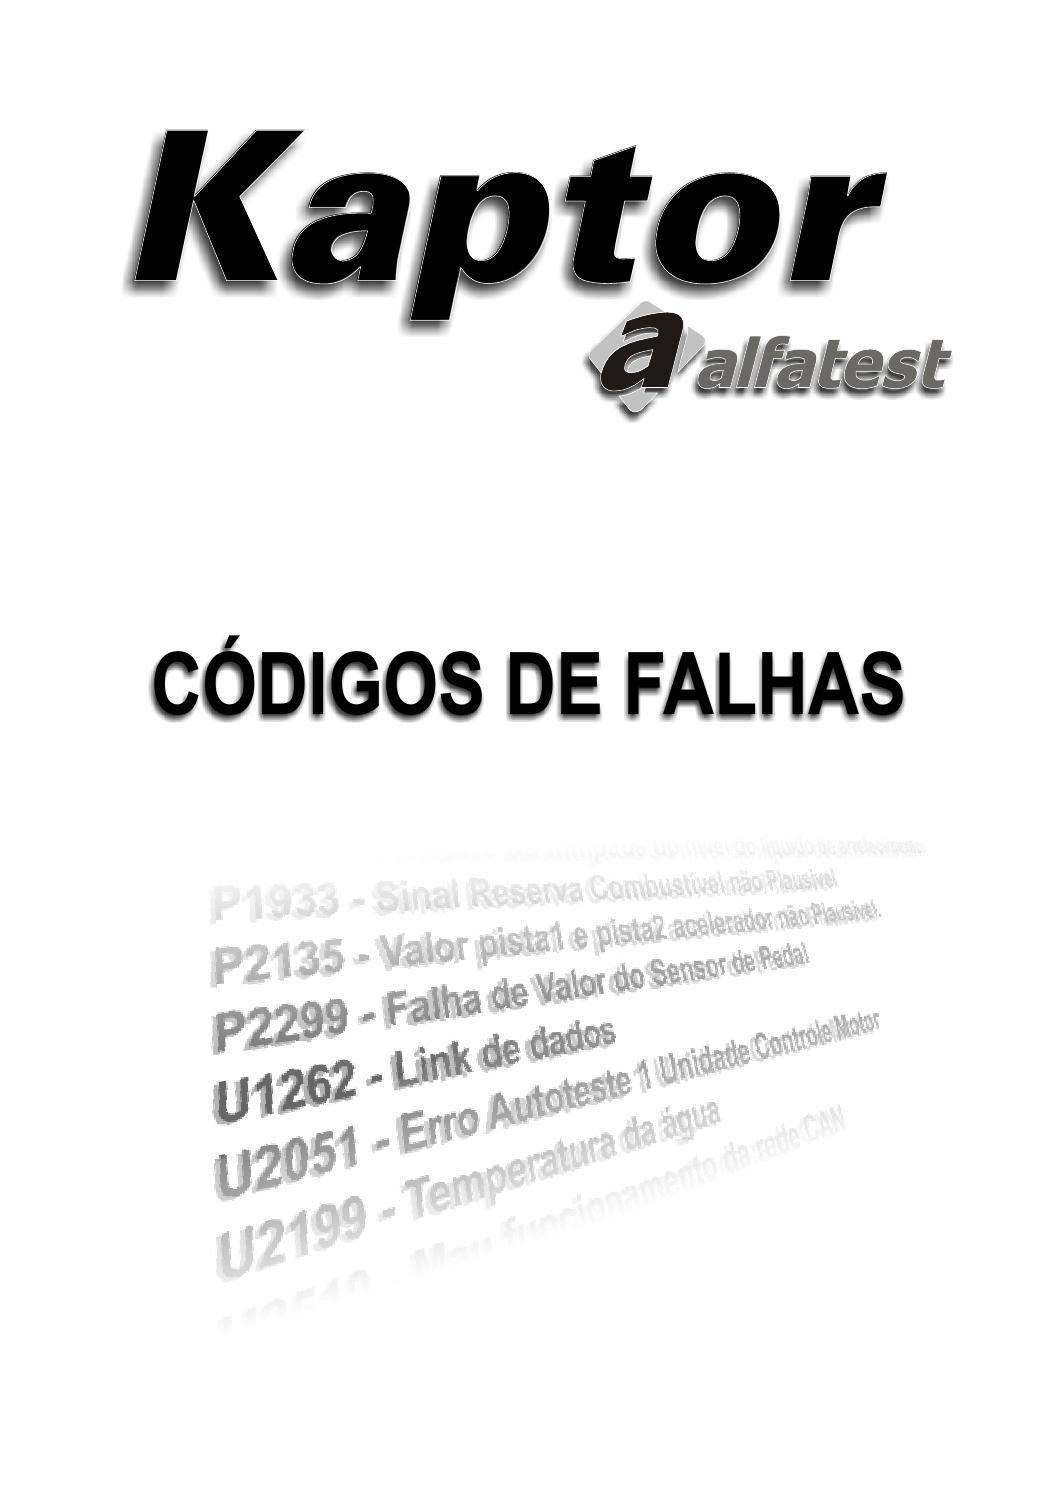 1 13 01 192 rad700 ver1 09 manual de falhas by Gdag Sat